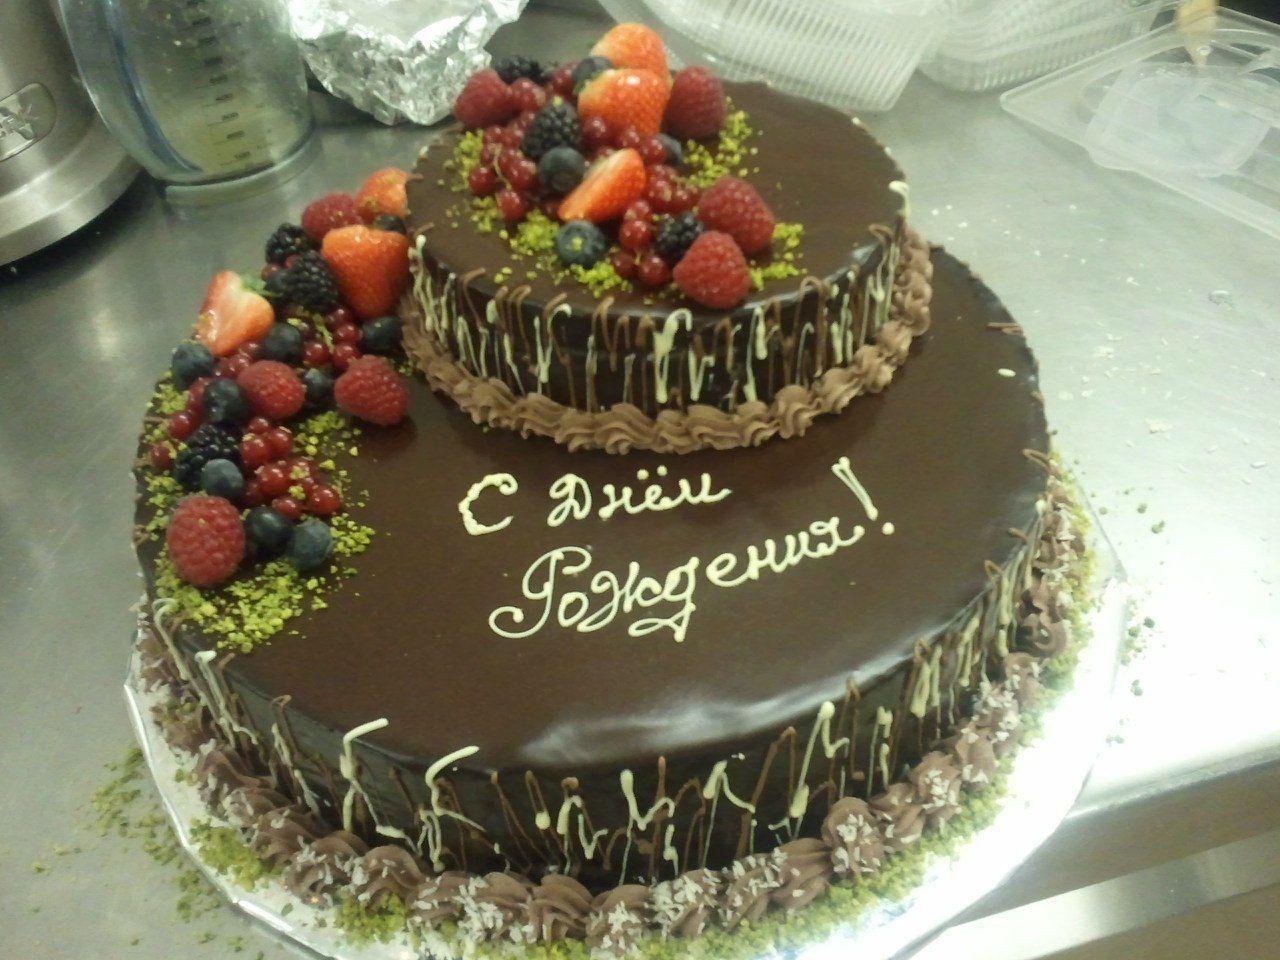 Дизайн торта с днем рождения фото